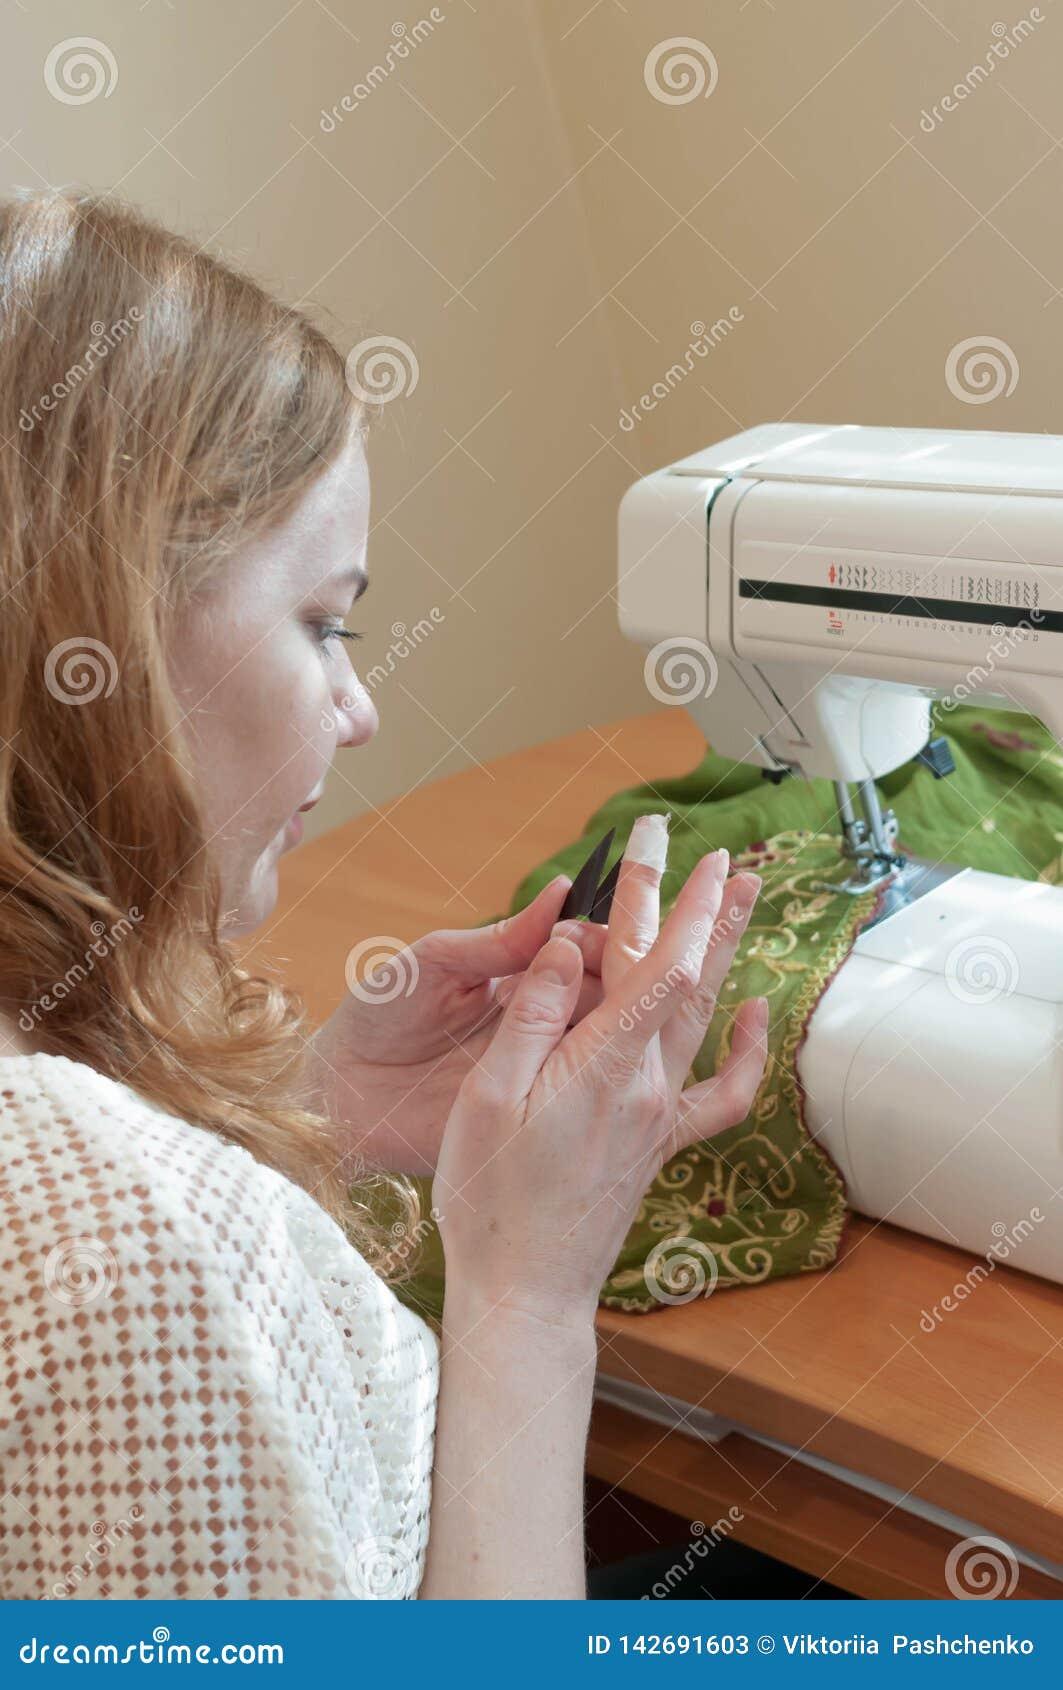 坐在与缝纫机的桌上和看受伤的手指的裁缝